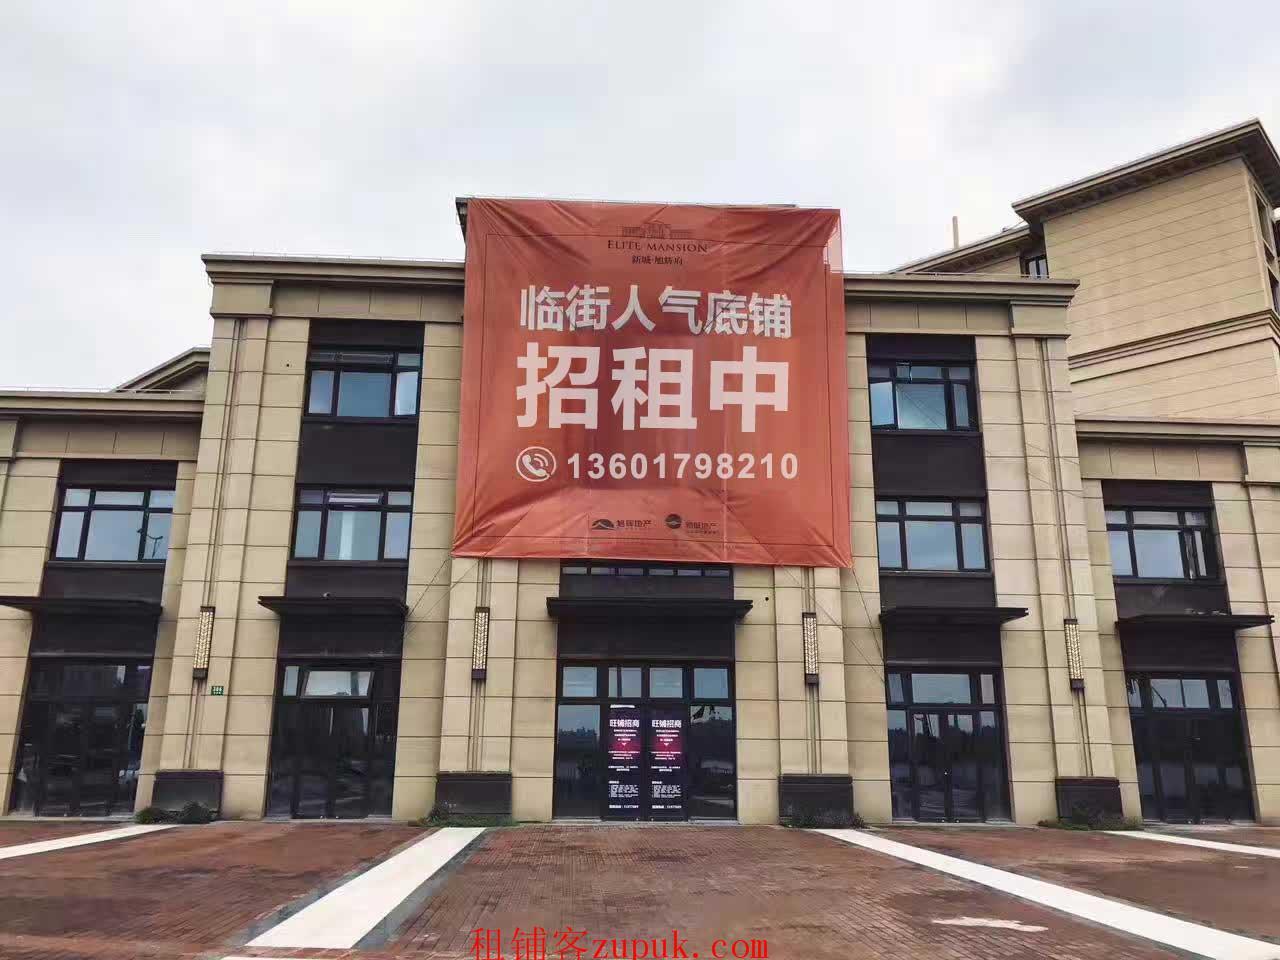 上海金山新城新城旭辉府沿街旺铺出租